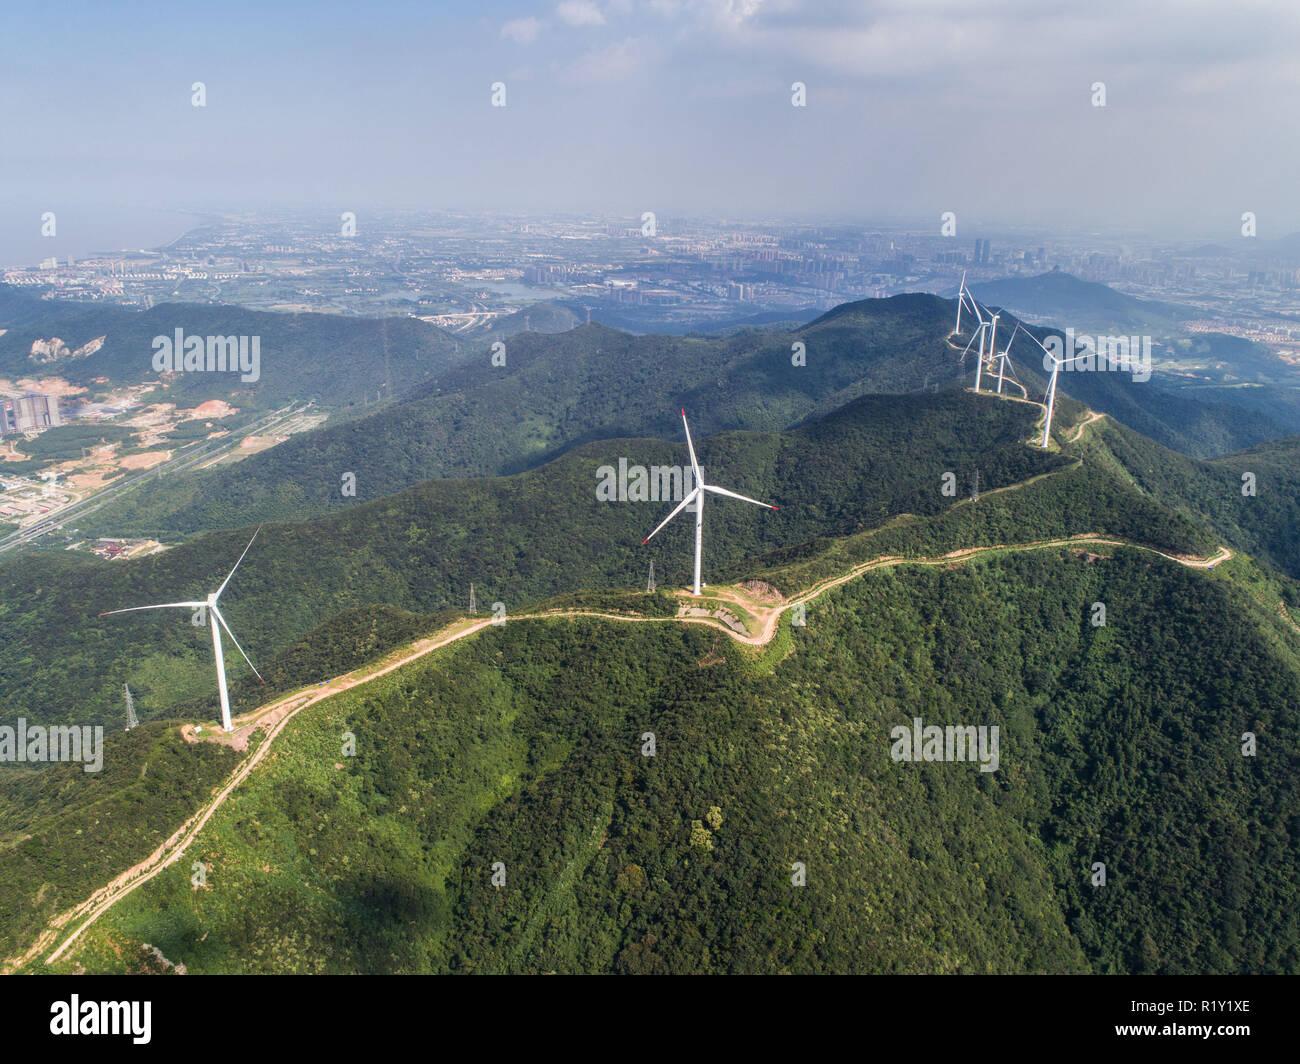 (181115) - Peking, November 15, 2018 (Xinhua) - Luftaufnahme auf 23.08.2018, zeigt die Bianshan Windpark in Changxing County in der ostchinesischen Provinz Zhejiang. Nach Angaben des Nationalen Amtes für Statistik, Chinas Stromerzeugung stieg um 7,2 Prozent im Vergleich zum Vorjahr in den ersten zehn Monaten 2018. Allein im Oktober, China 533 Milliarden Kilowattstunden (kWh) Strom, um 4,8 Prozent über Vorjahr, schneller als der 4,6 Prozent Wachstum im September. Die durchschnittliche tägliche Power Generation erreicht 17,2 Mrd. kWh, Bekanten, von 18,3 Mrd. kWh im September. China konnte ein schnelleres Wachstum von Hy Stockbild